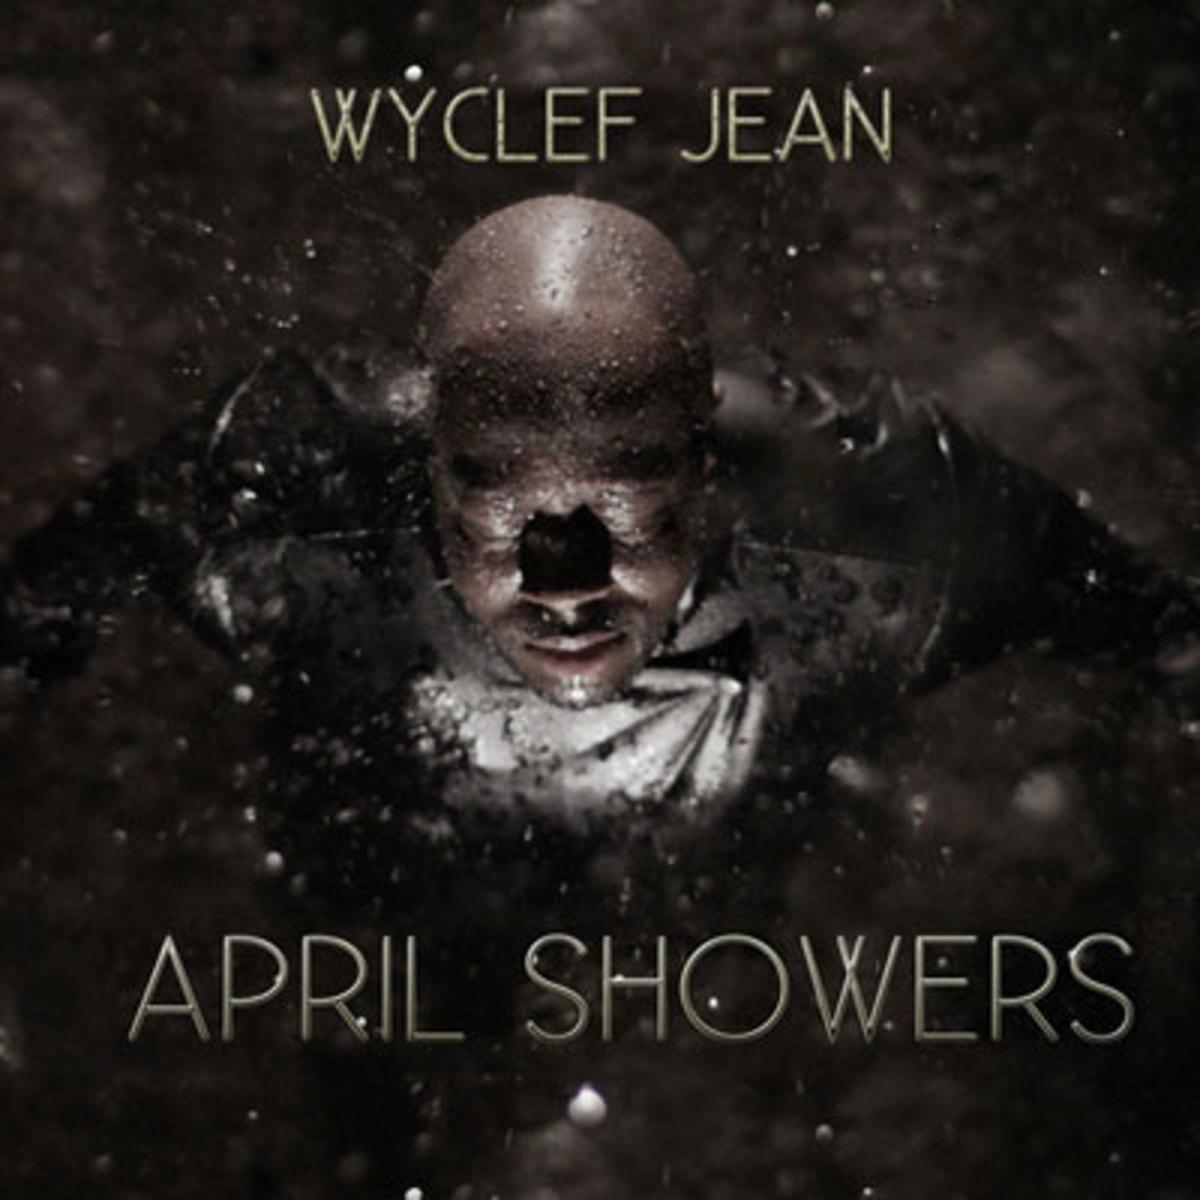 wyclefjean-aprilshowers.jpg